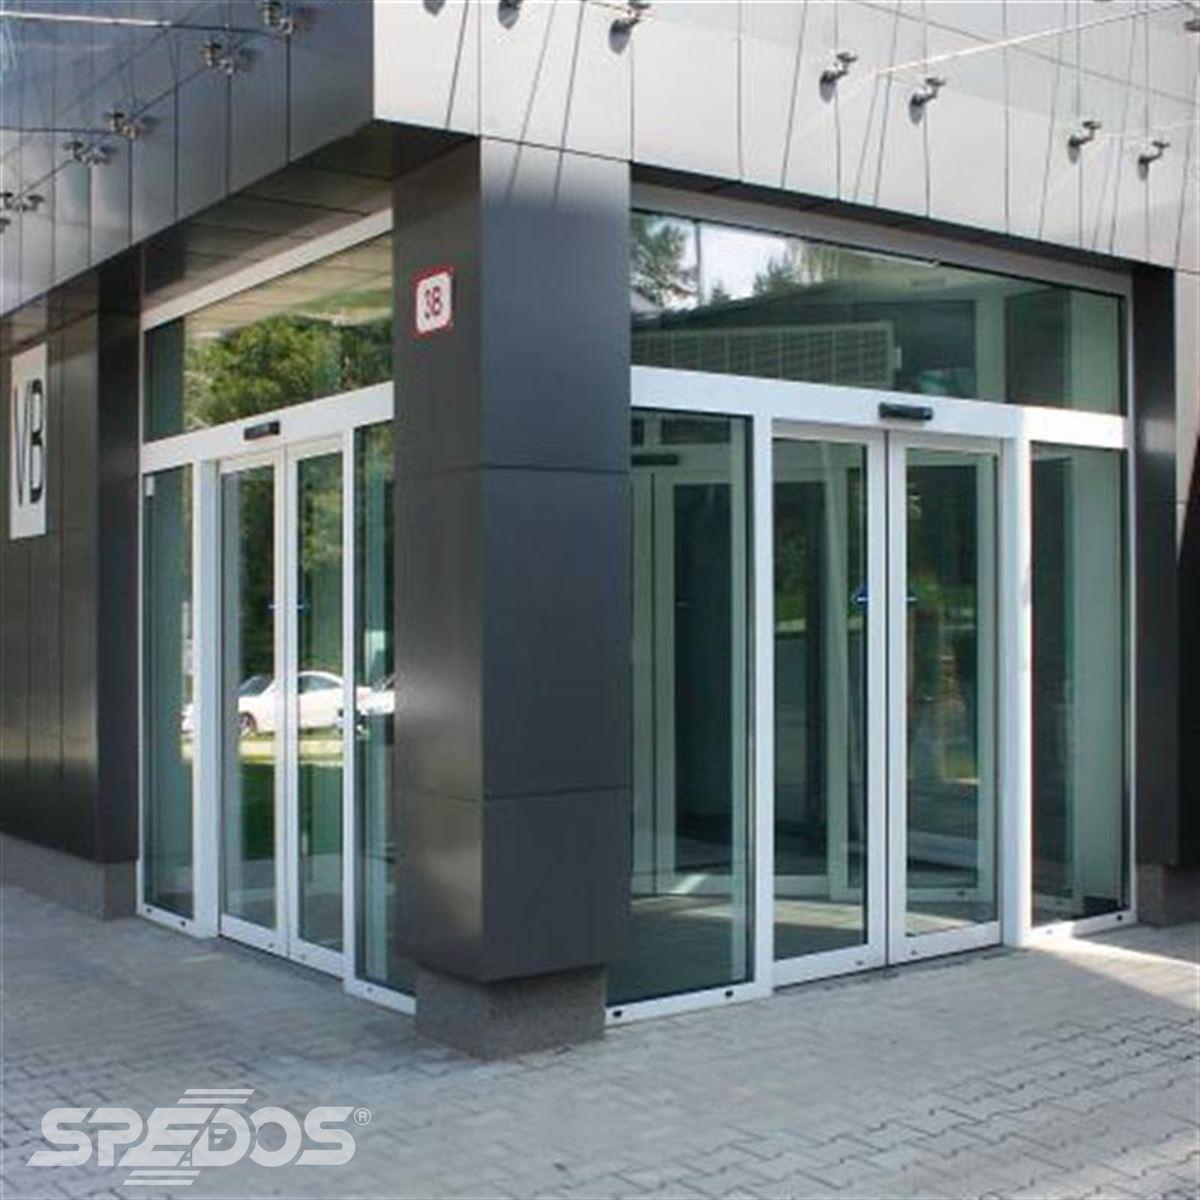 Dvoukřídlé automatické dveře posuvné v Žilinské univerzitě 2